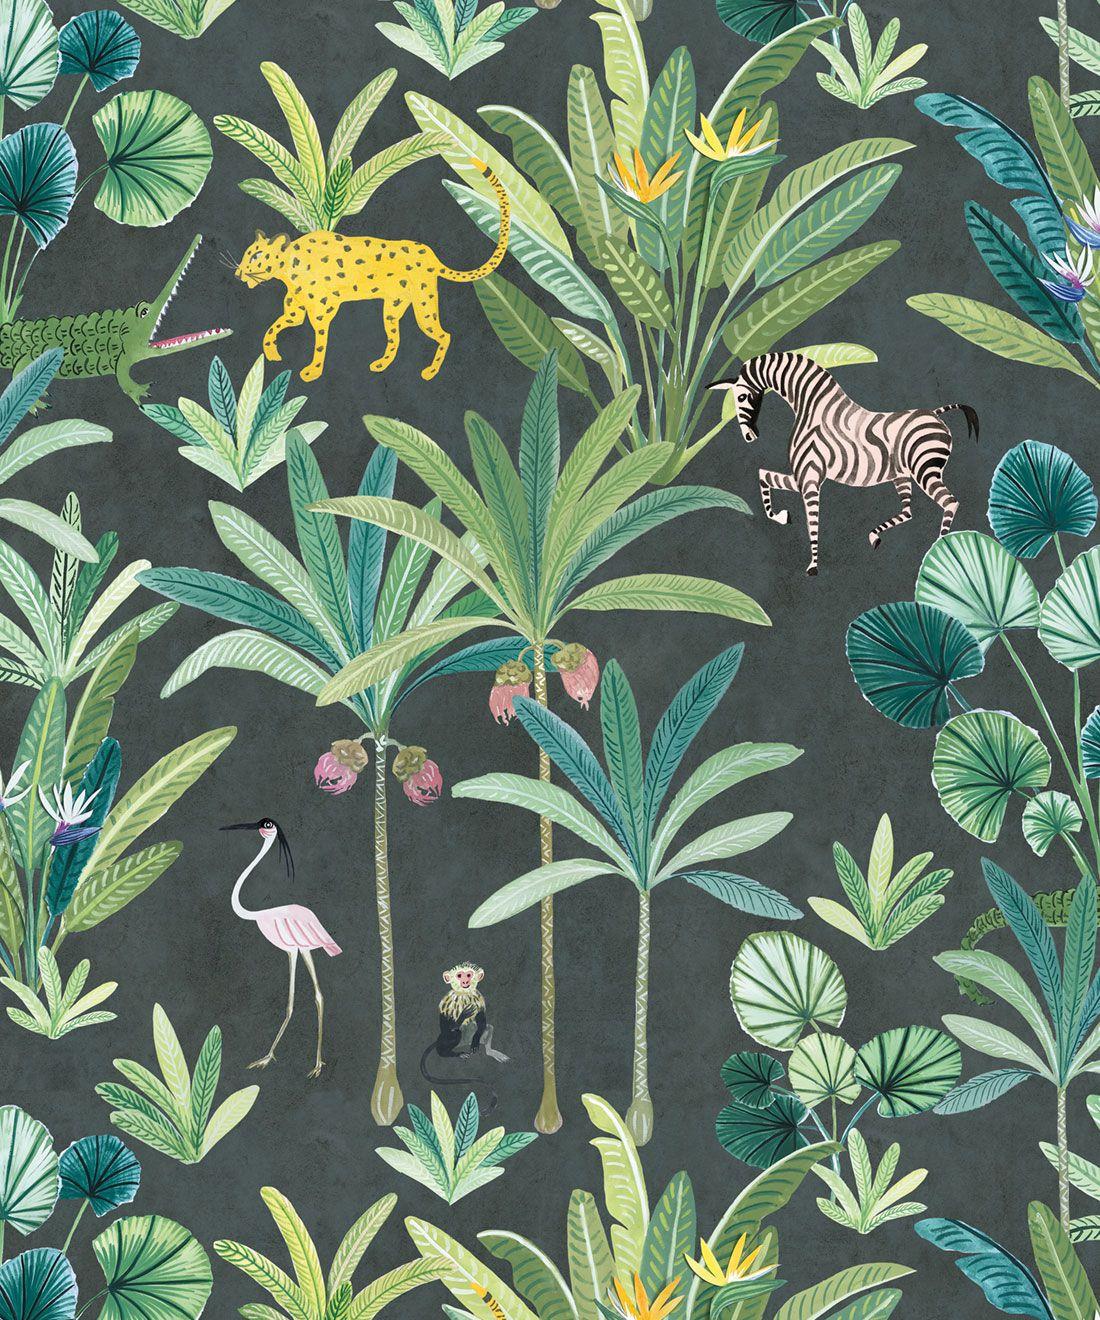 Animal Kingdom Wallpaper (Two Roll Set)